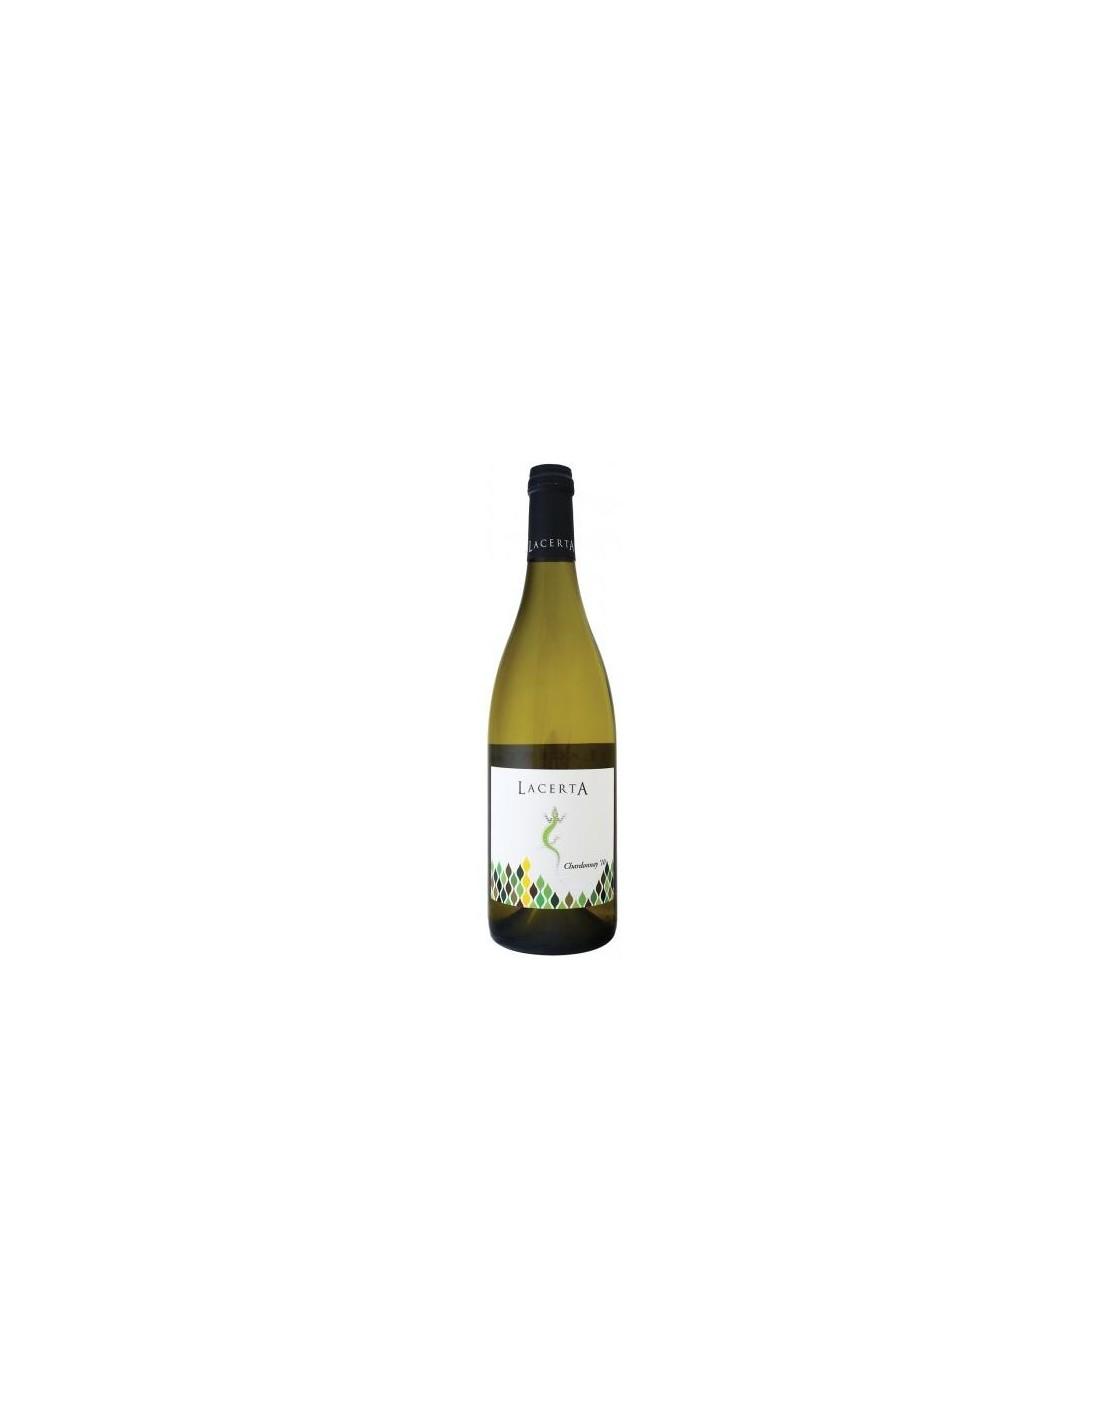 Vin alb, Chardonnay, Lacerta Dealu Mare, 2018, 0.75L, 13.8% alc., Romania